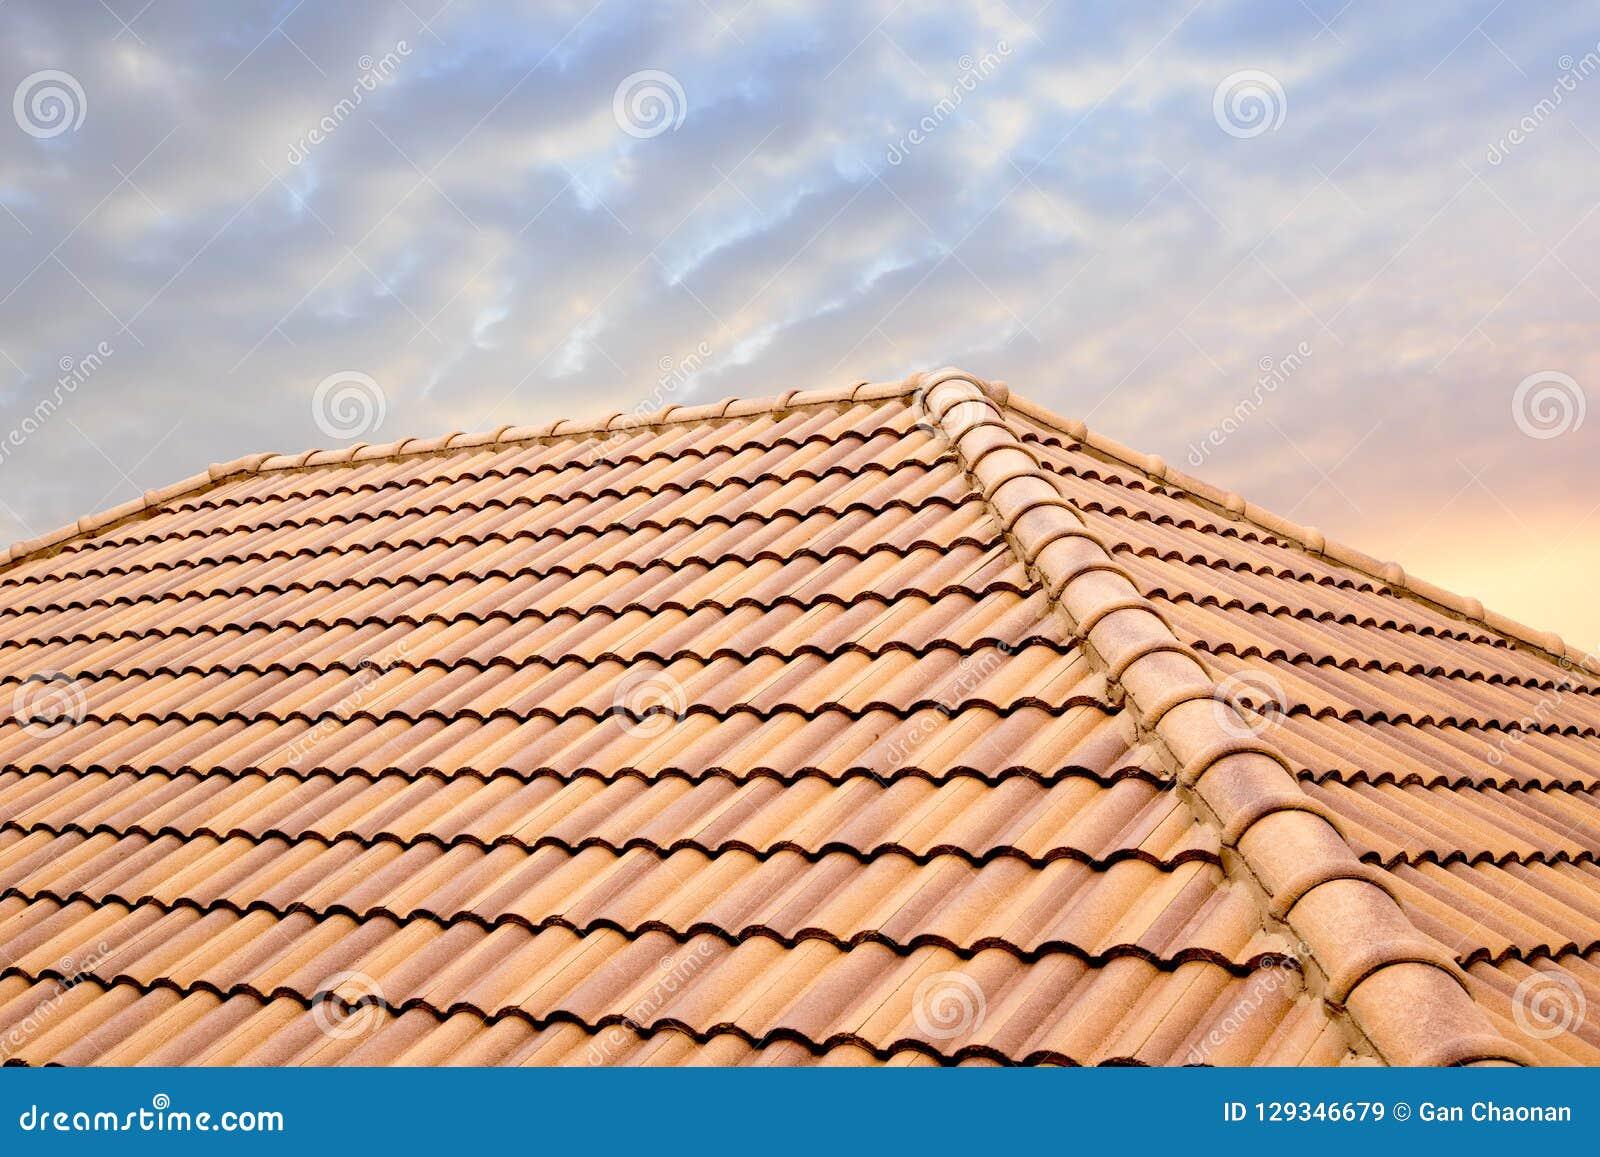 Solljus för taktegelplattor och himmel Taklägga leverantörbegreppet som installerar hustaket